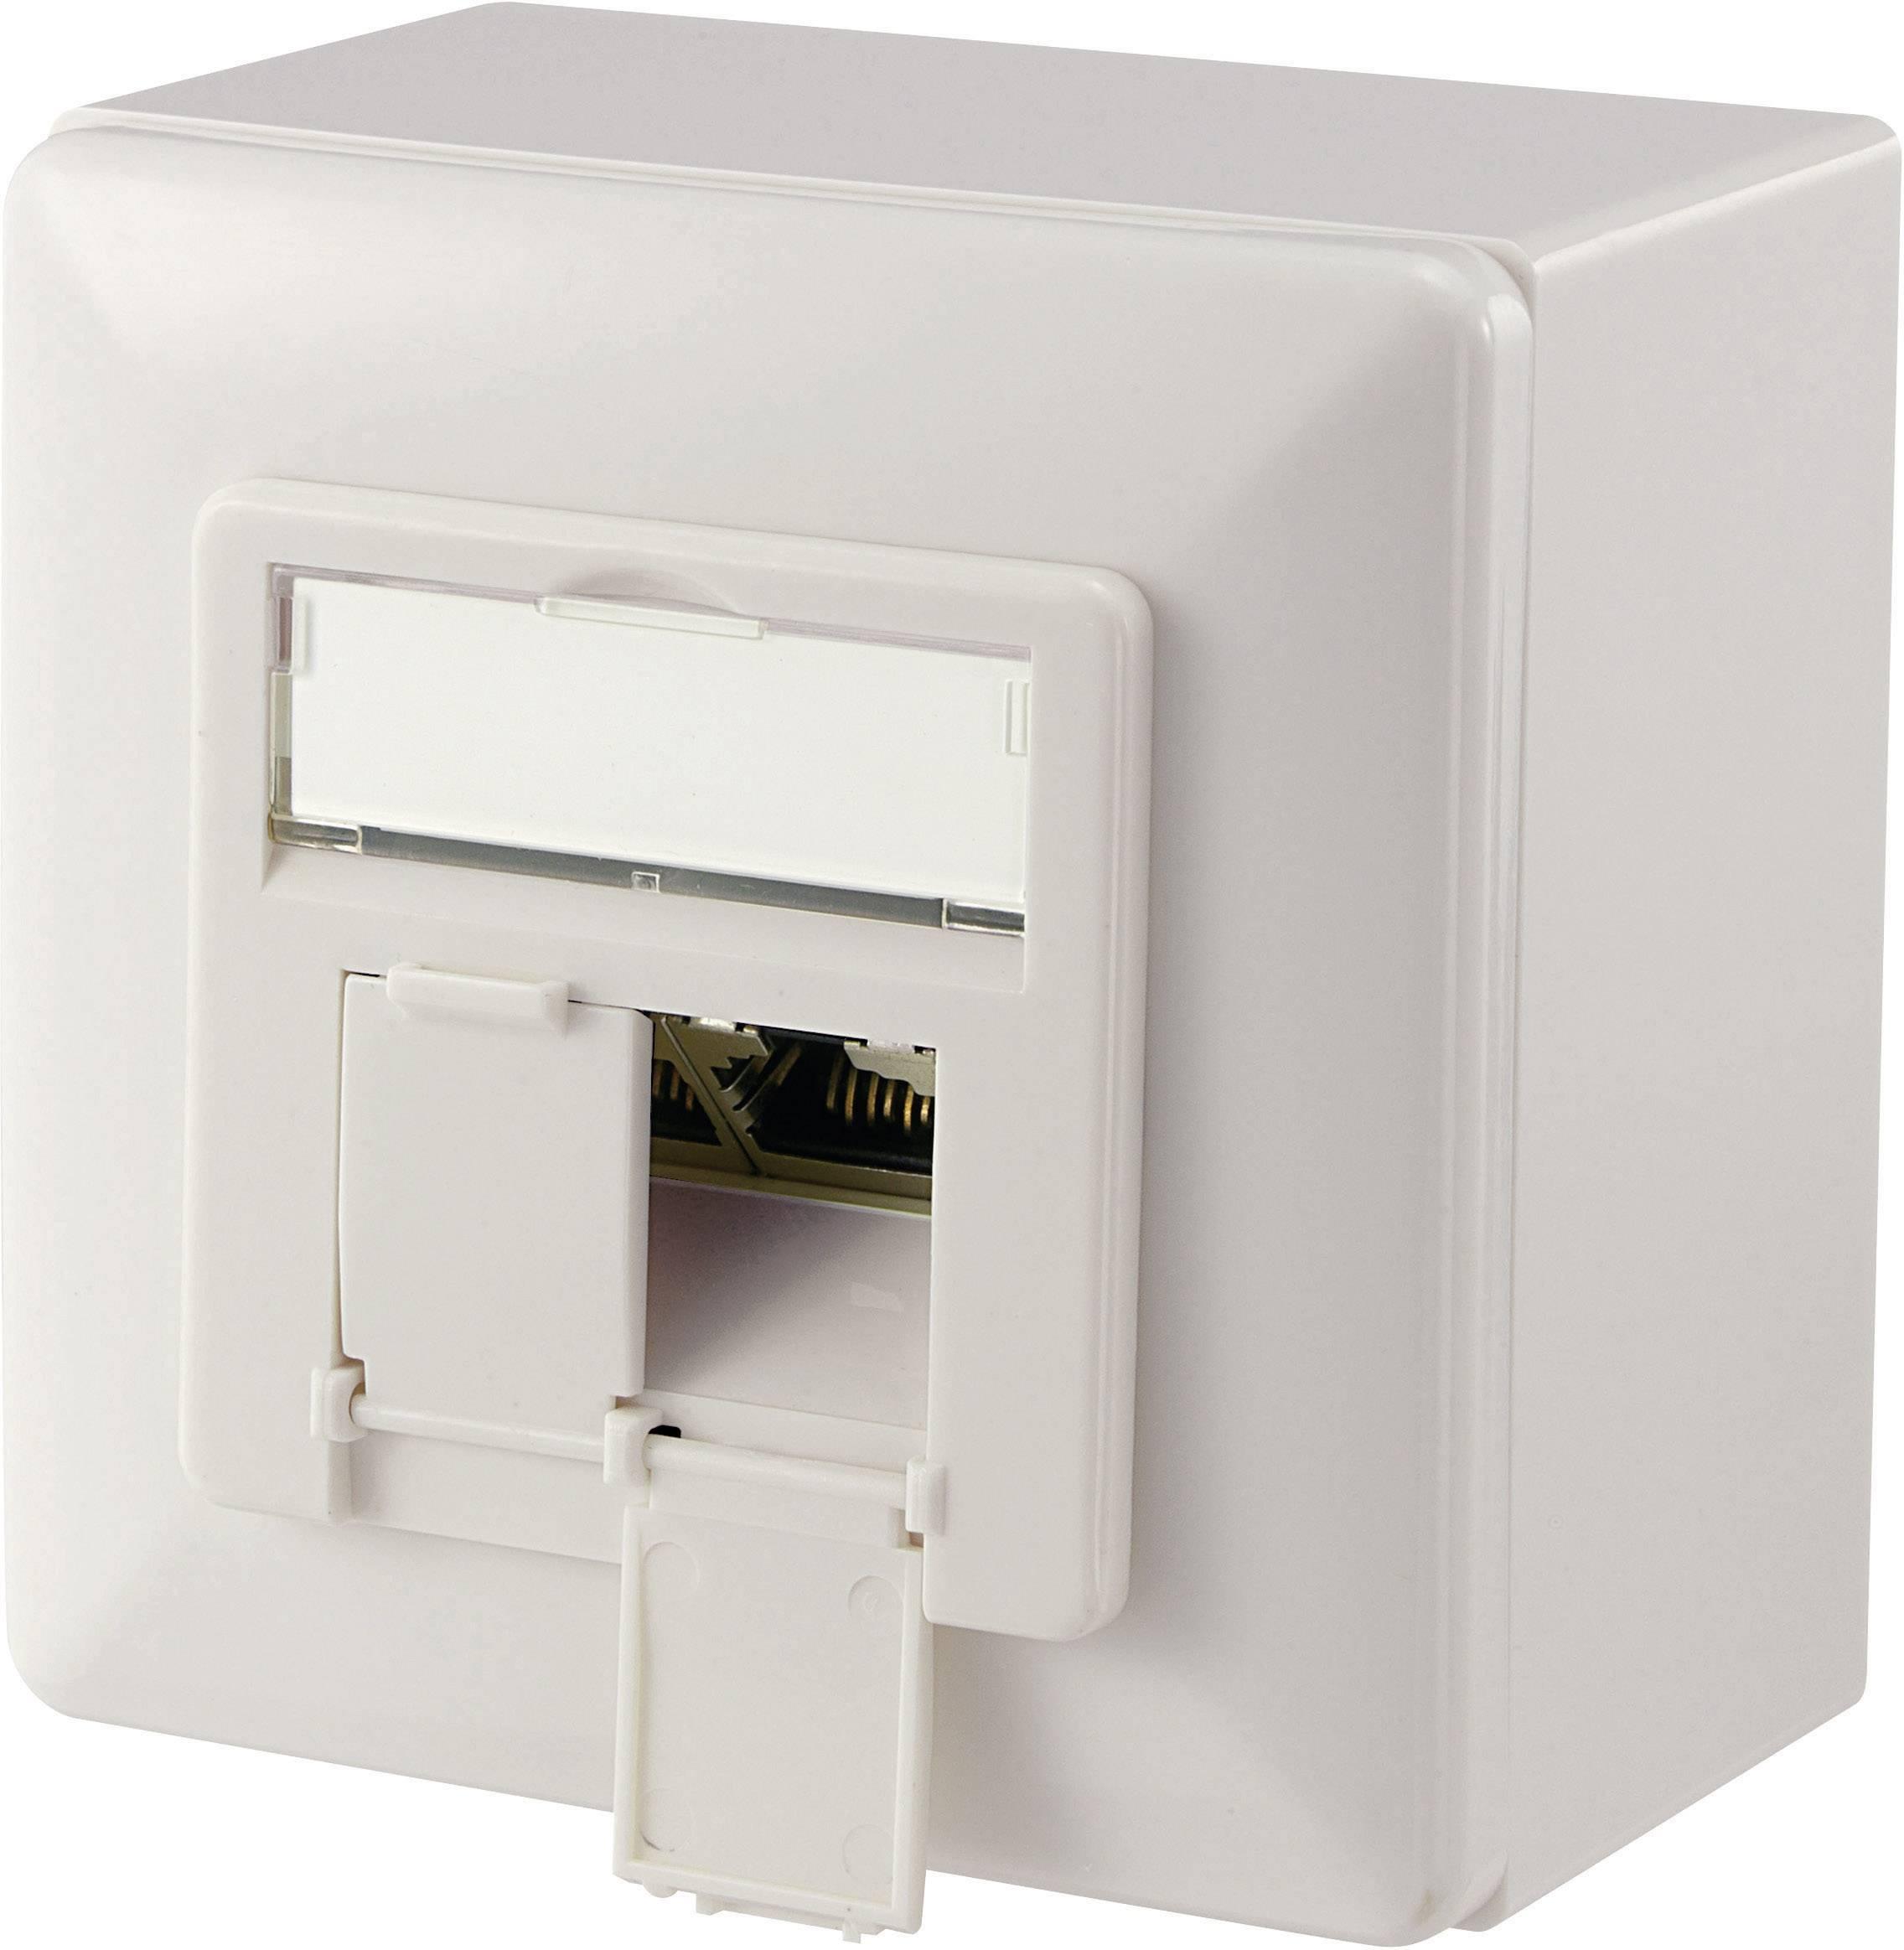 Sieťová zásuvka na omietku Digitus Professional DN-9007-S-1, CAT 6, s 2 portmi